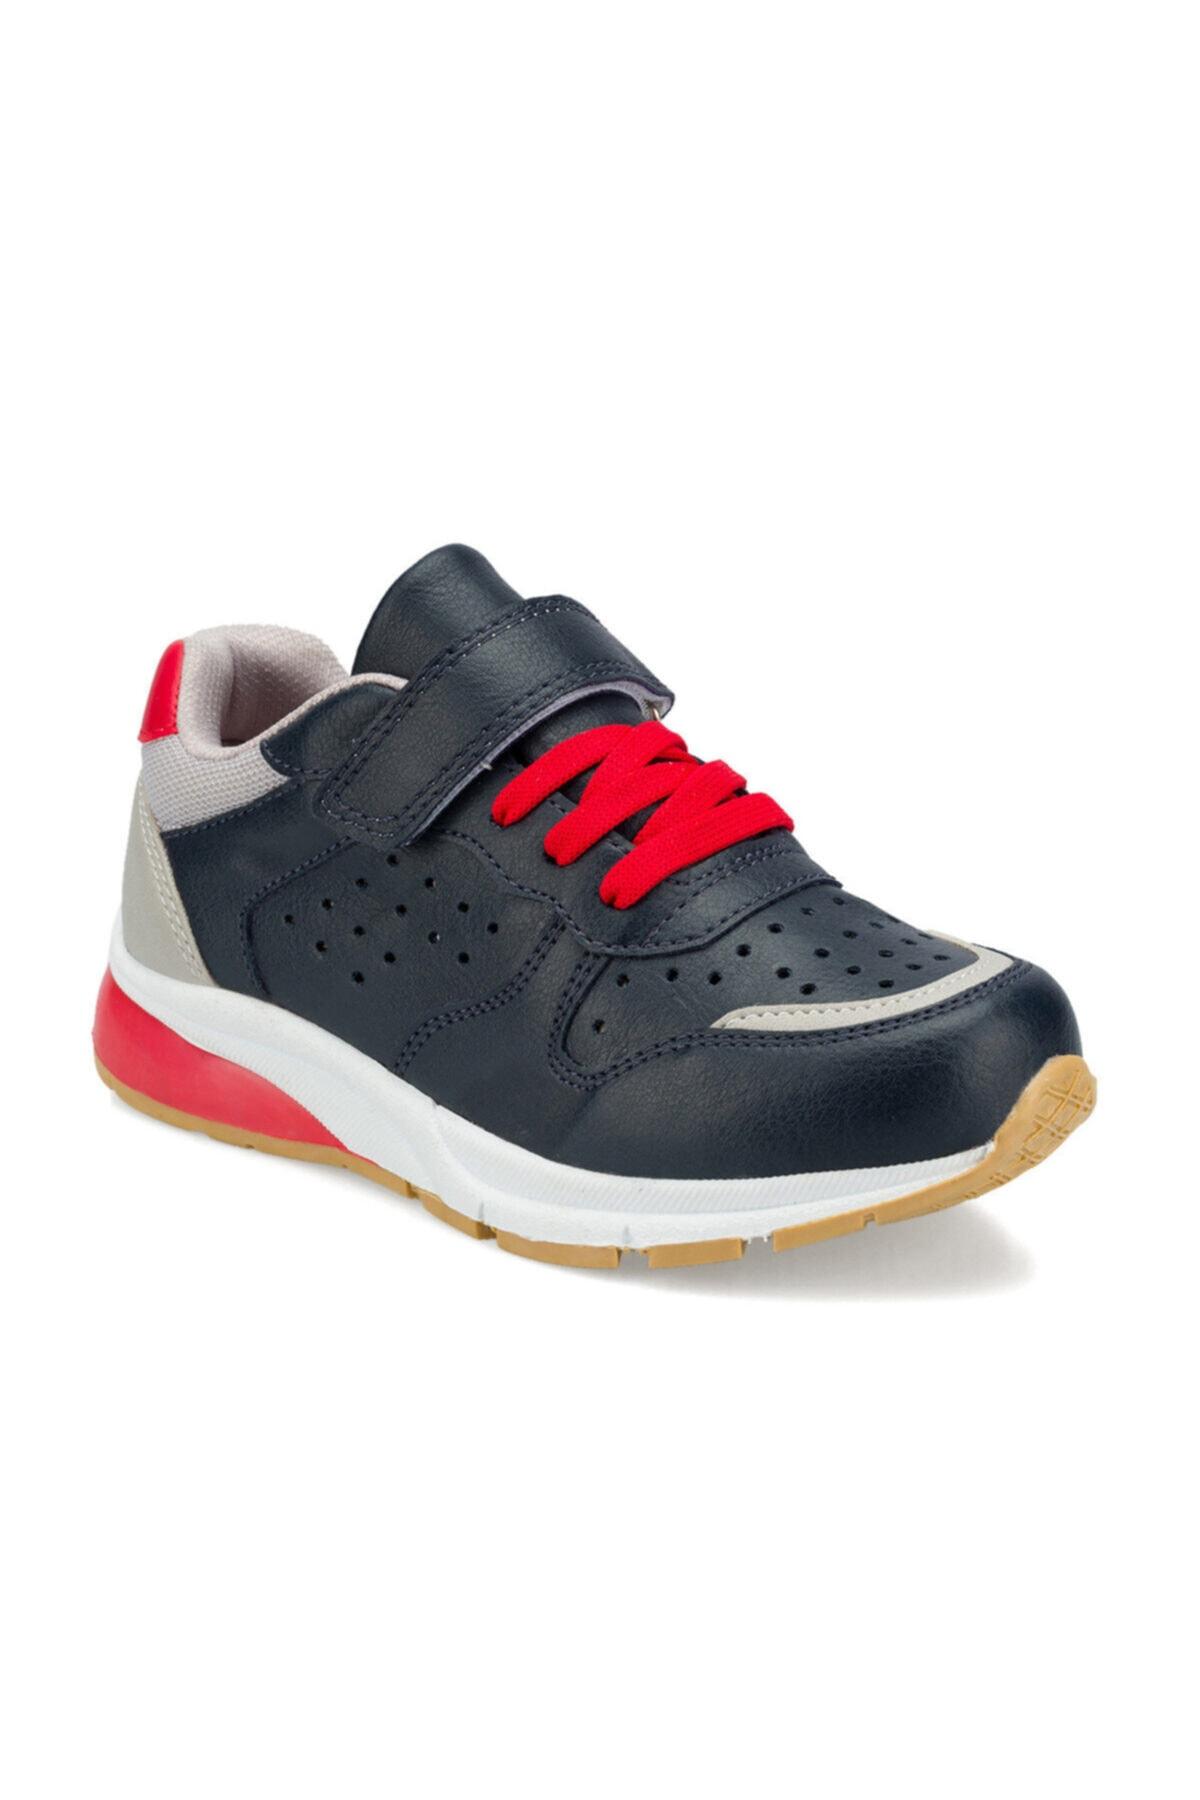 512382.F Lacivert Erkek Çocuk Spor Ayakkabı 100499545